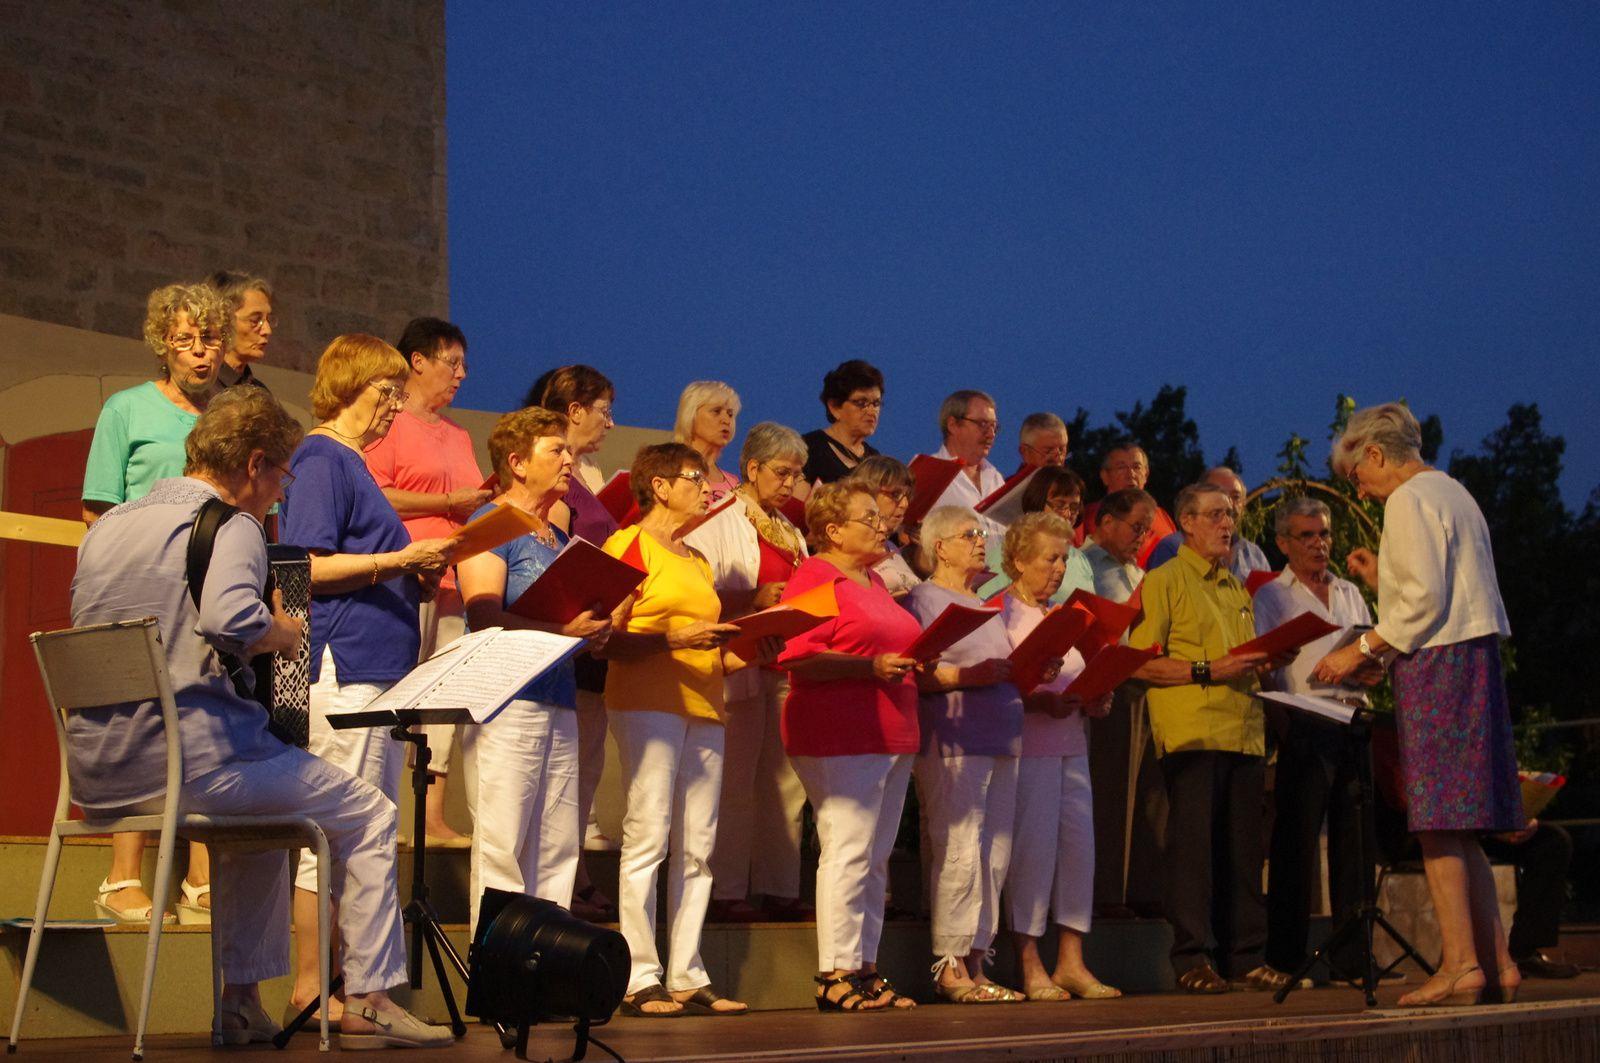 Birolaze et la chorale, été 2014